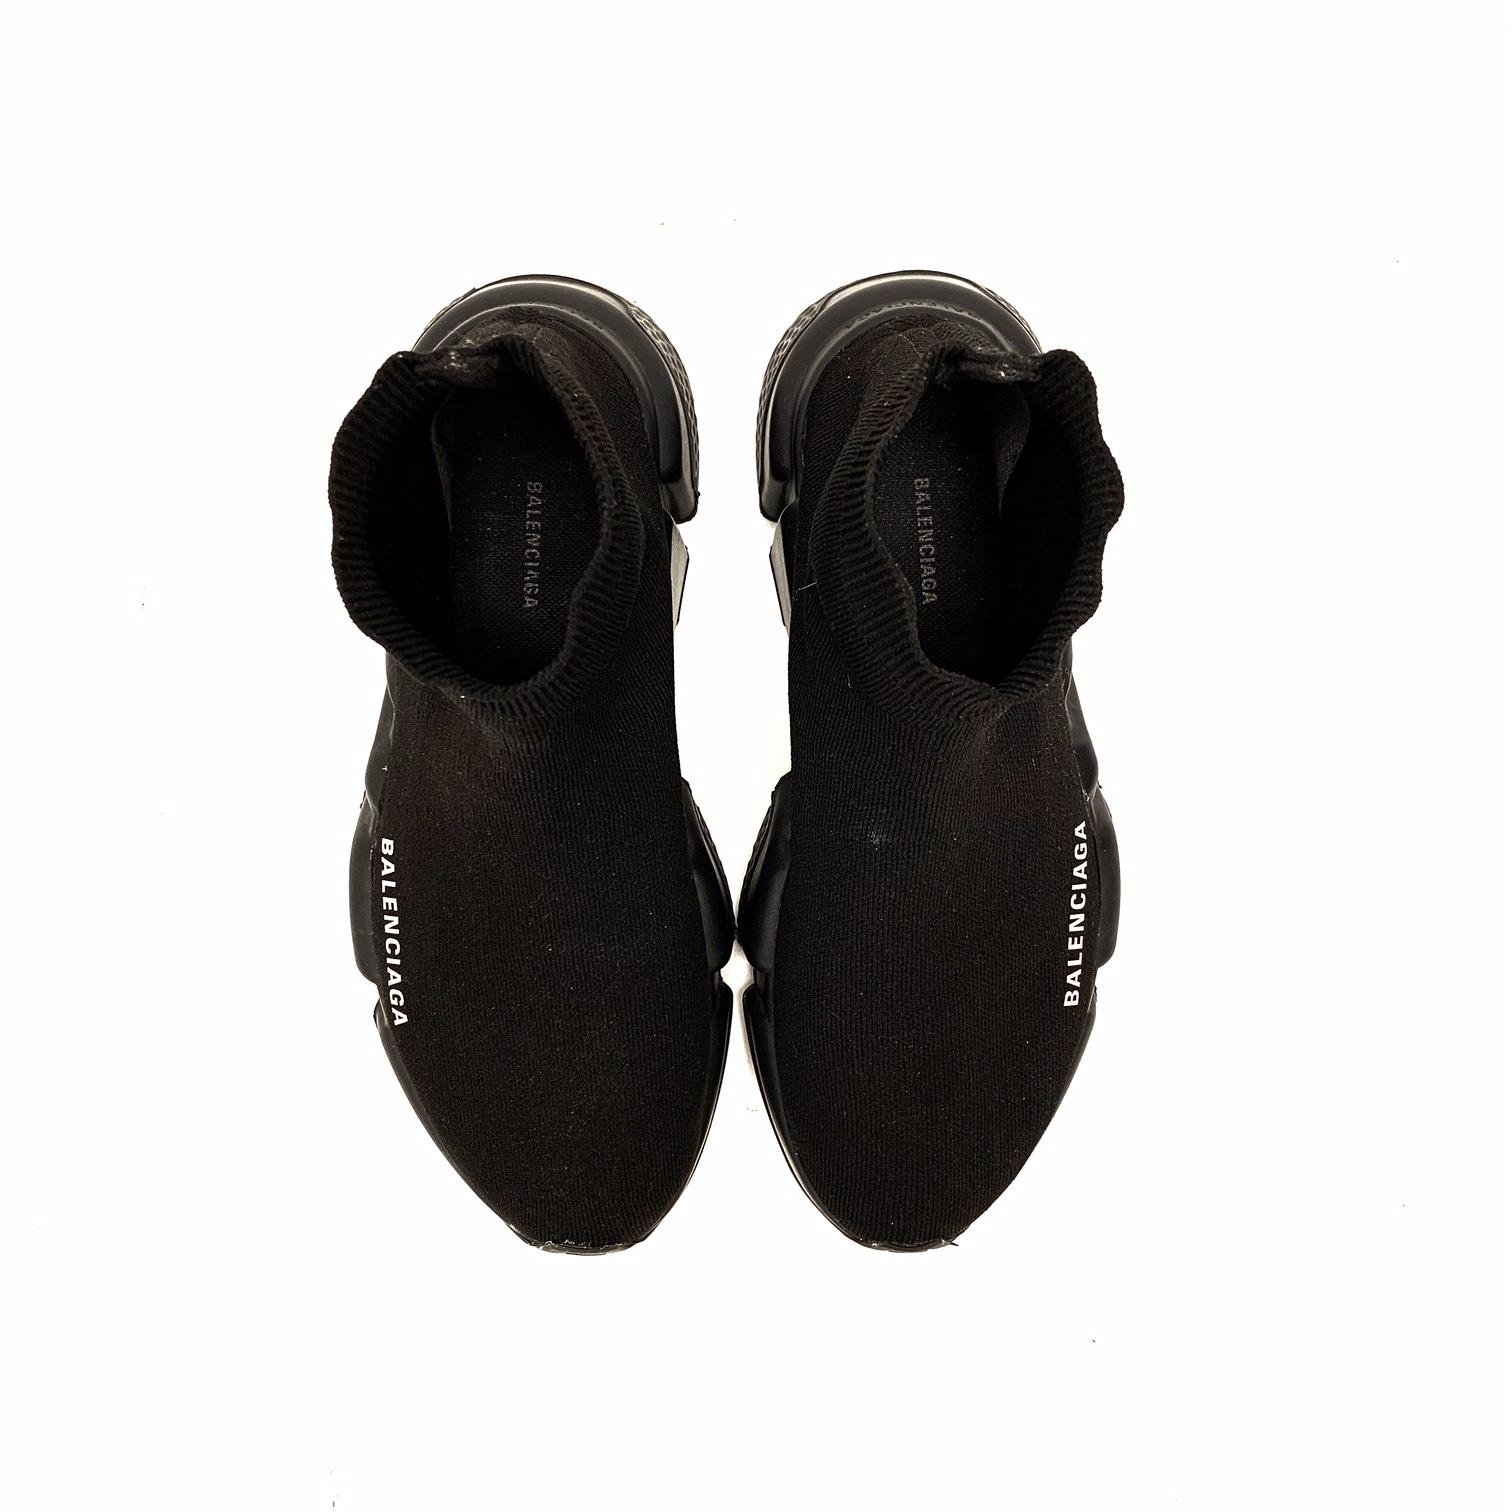 Balenciaga speed sneakers 38 Sv5497